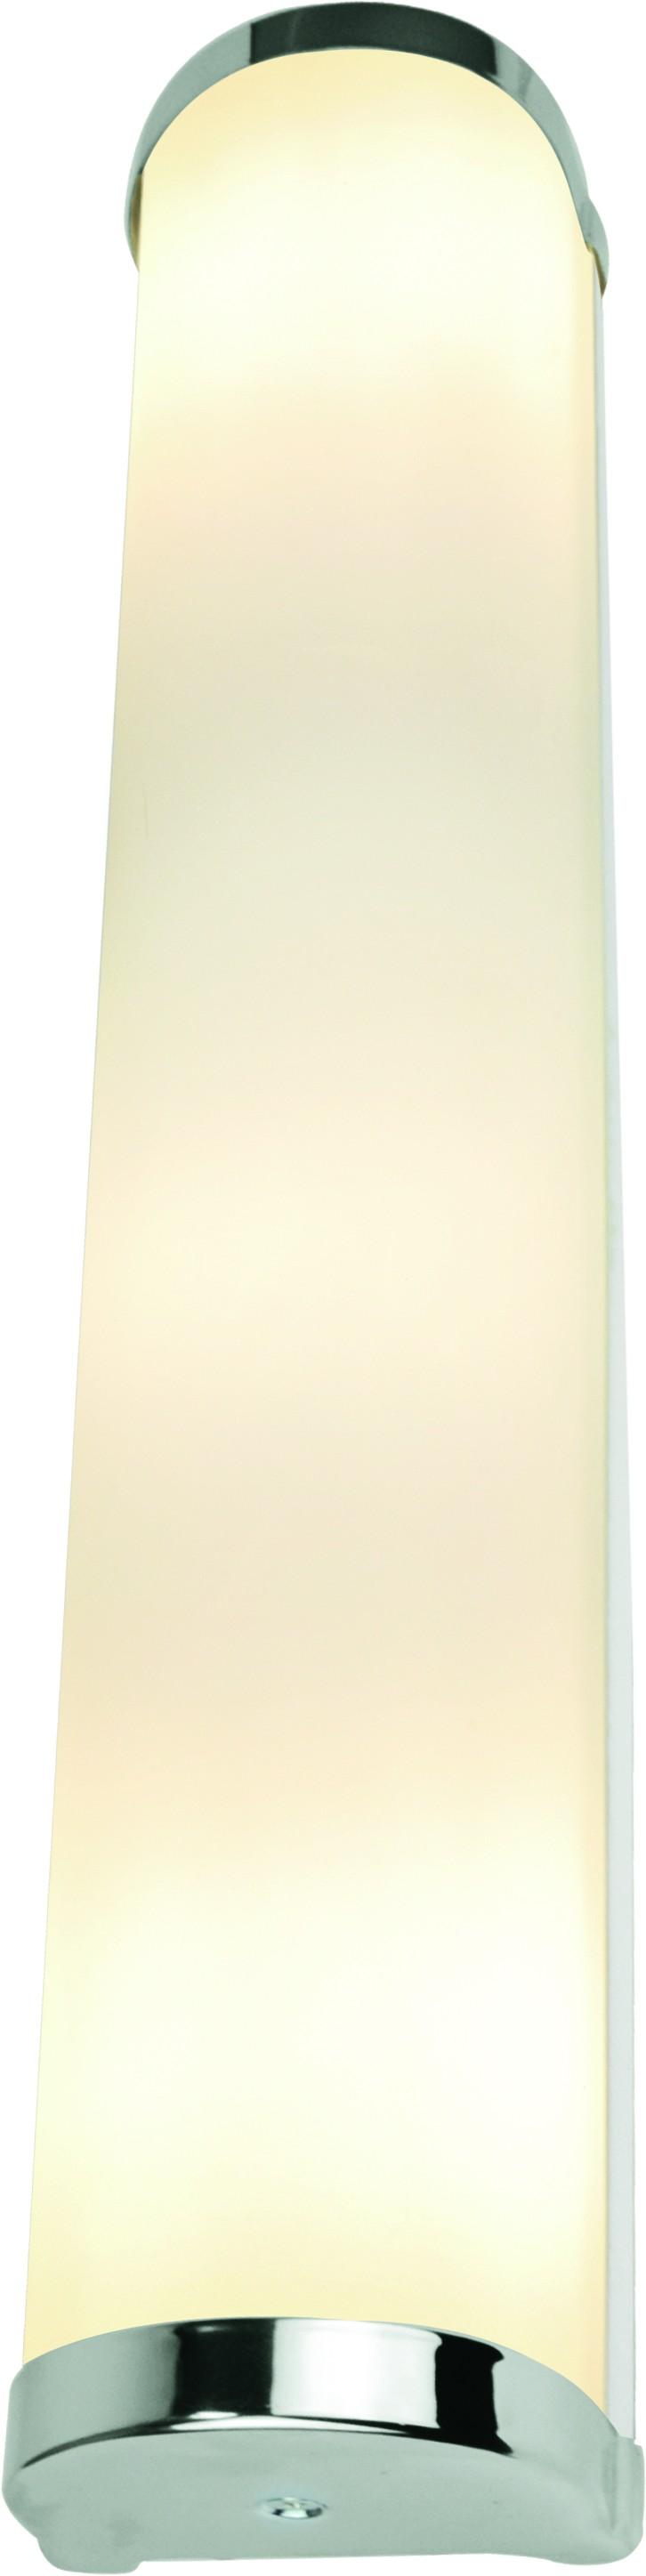 Светильник настенный Arte lamp A5210ap-3cc